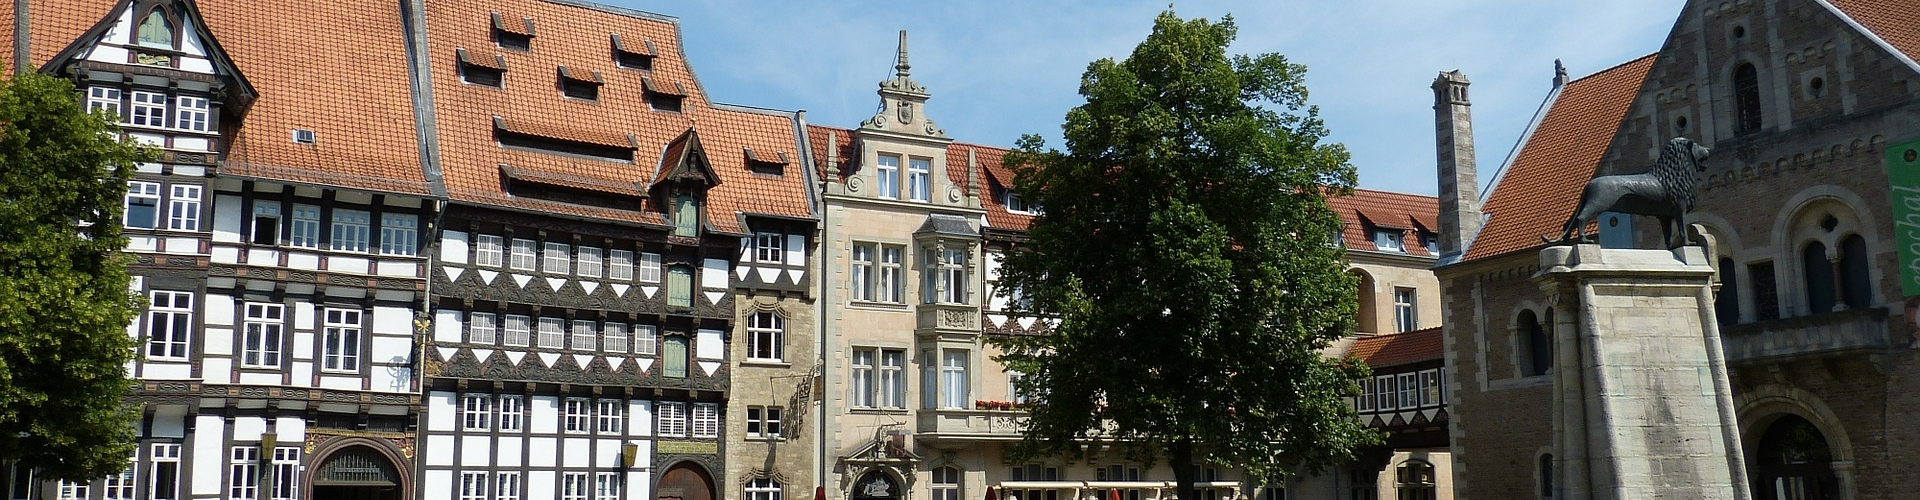 Carsharing Braunschweig